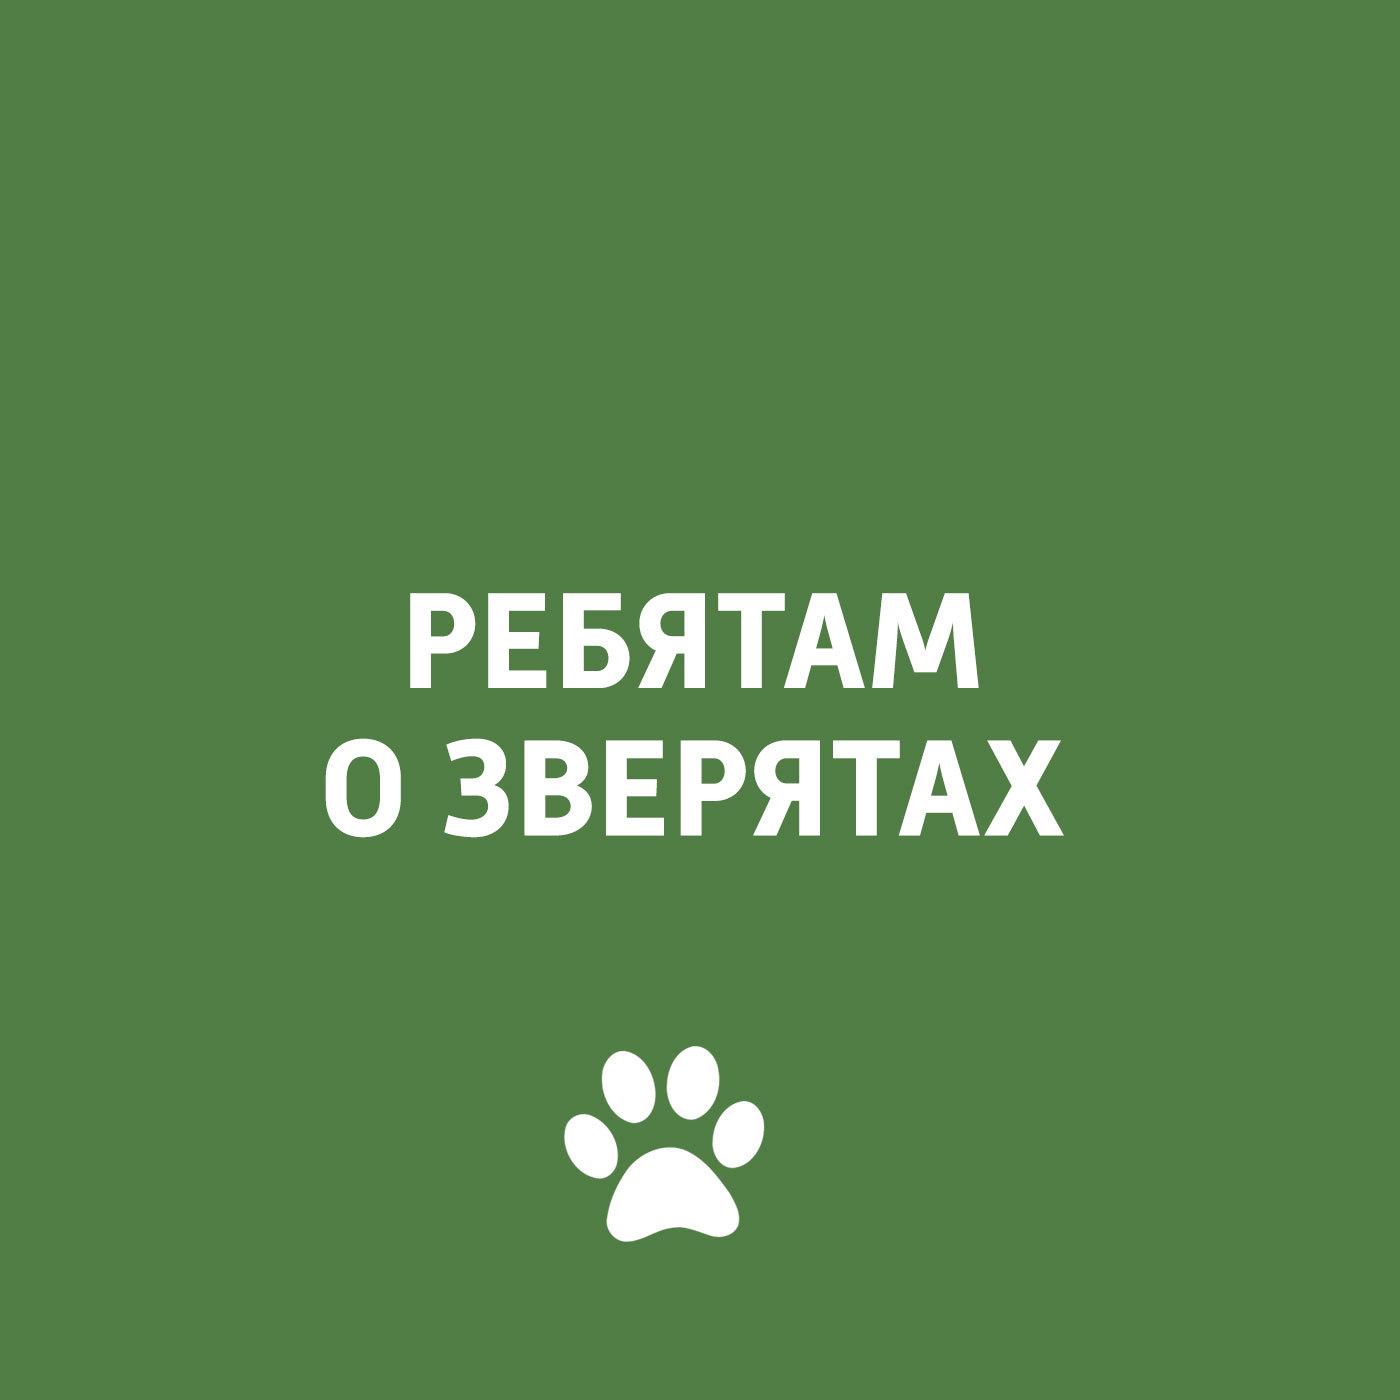 Творческий коллектив программы «Пора домой» Современные методы обучения и дрессировки собак творческий коллектив программы пора домой вирусные заболевания у кошек и собак